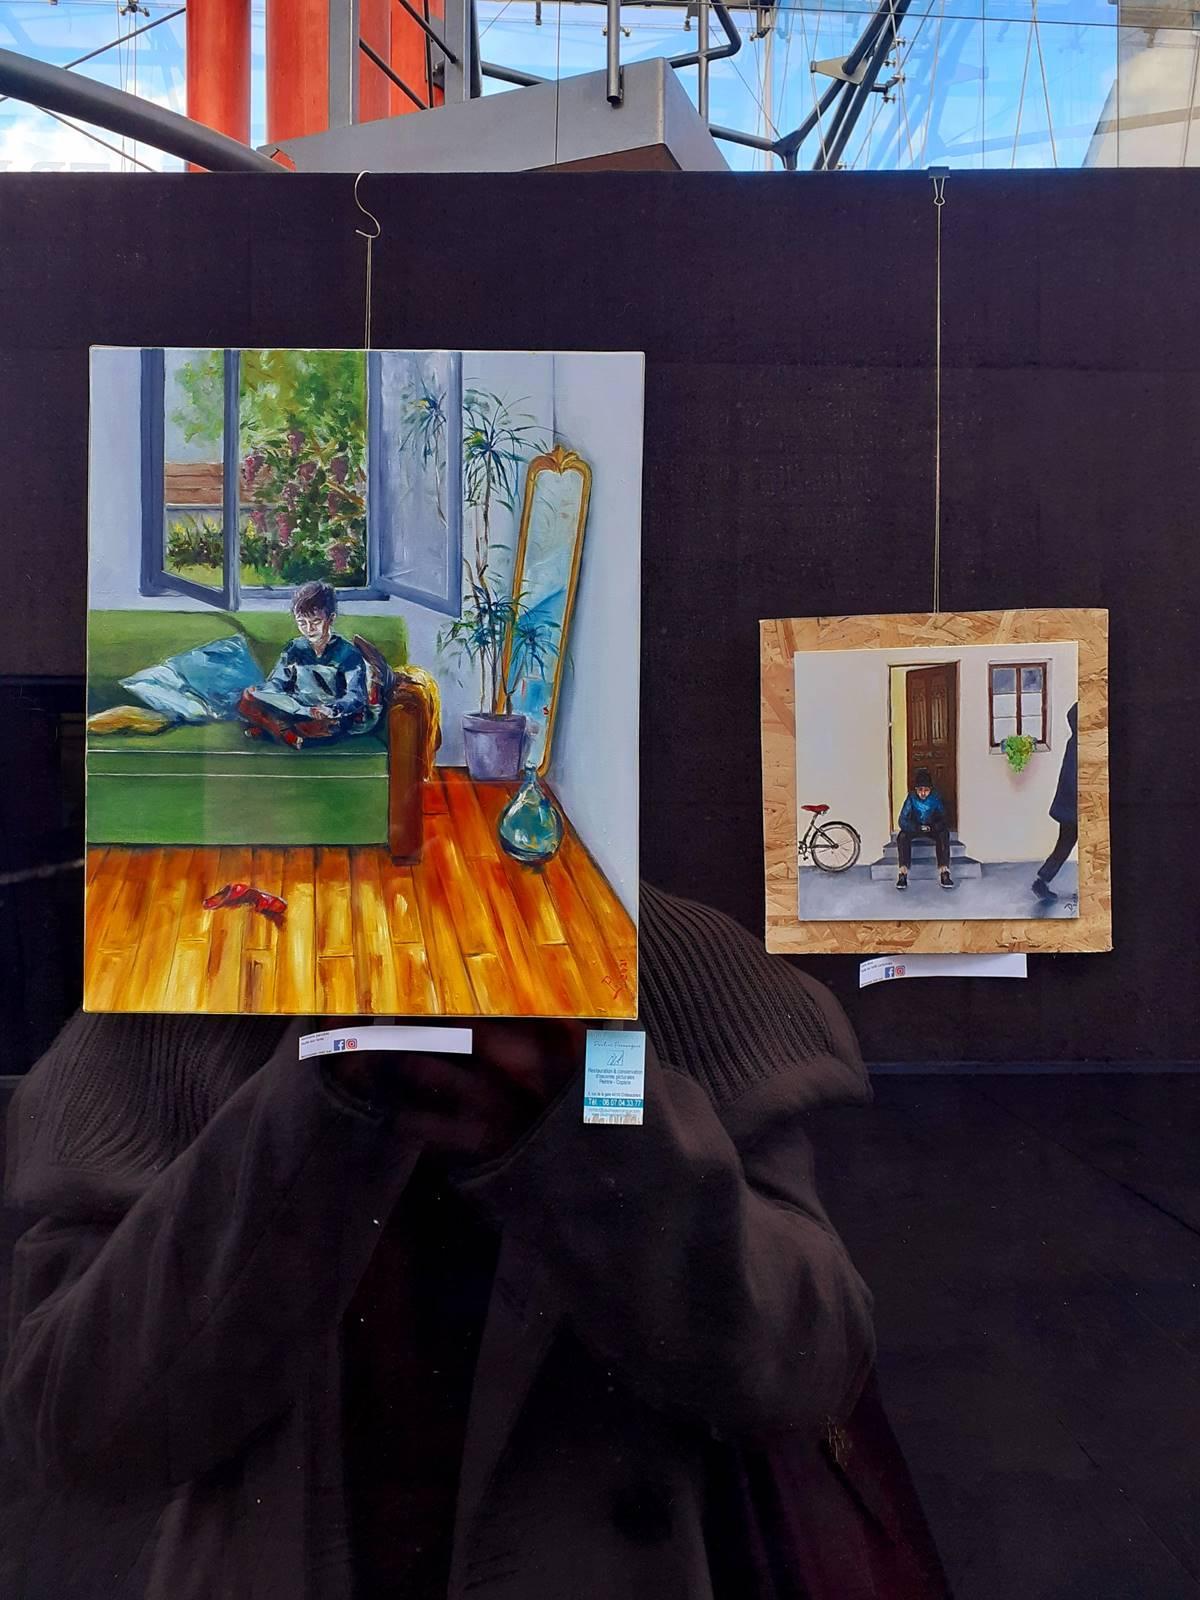 Exposition art chateaubriant loire atlantique20210316 195056